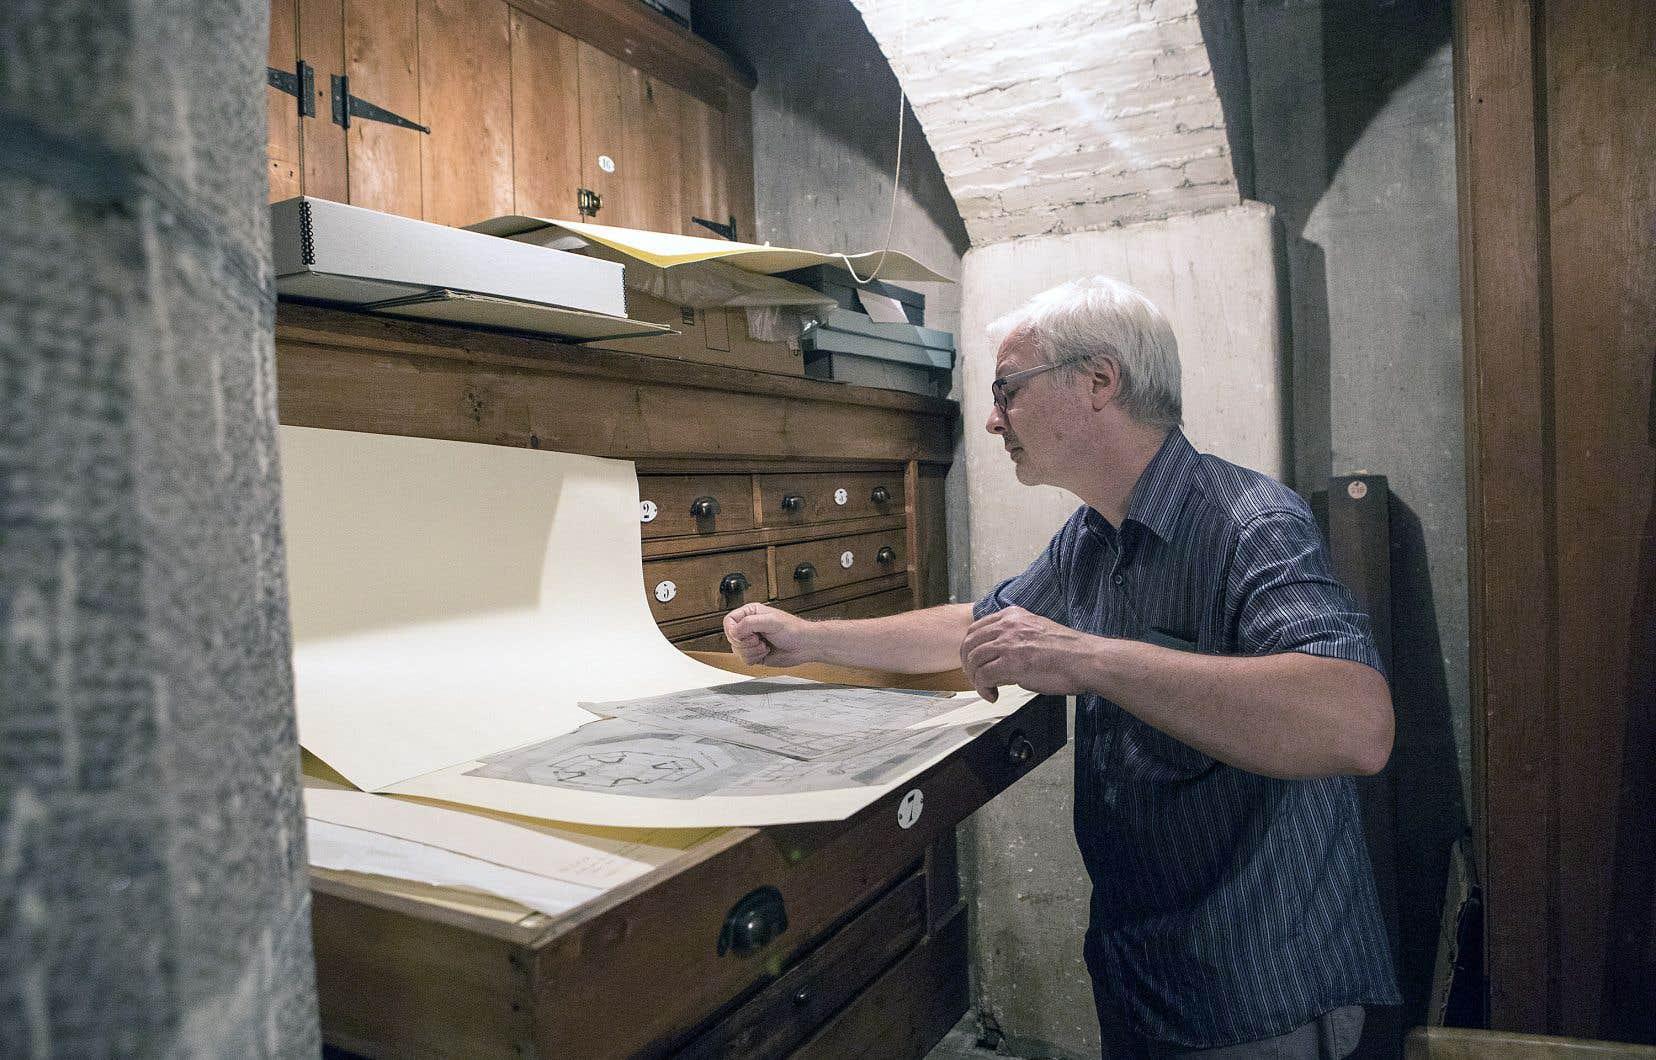 Marc Lacasse, coordinateur au service des archives de l'Univers culturel de Saint-Sulpice, examine des plans de la ville de Montréal.